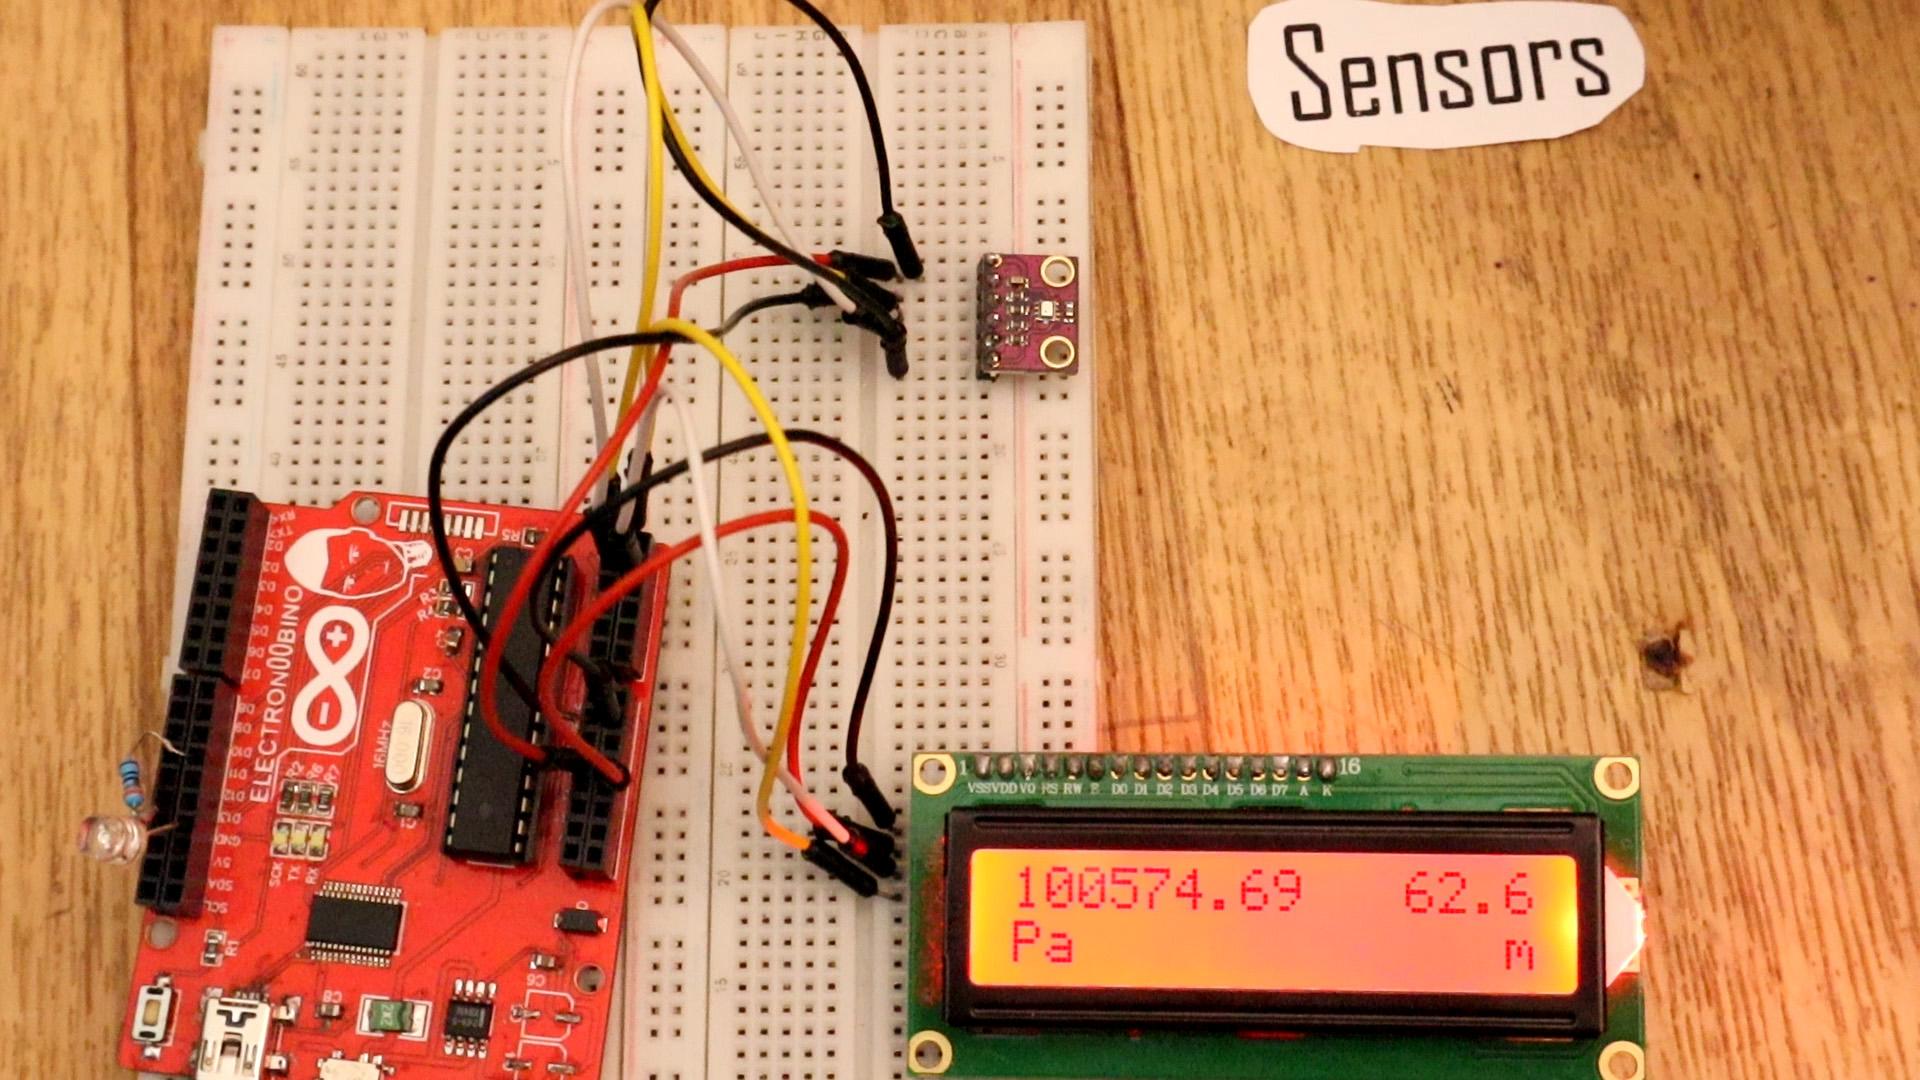 Arduino adafruit_sensor.h library download